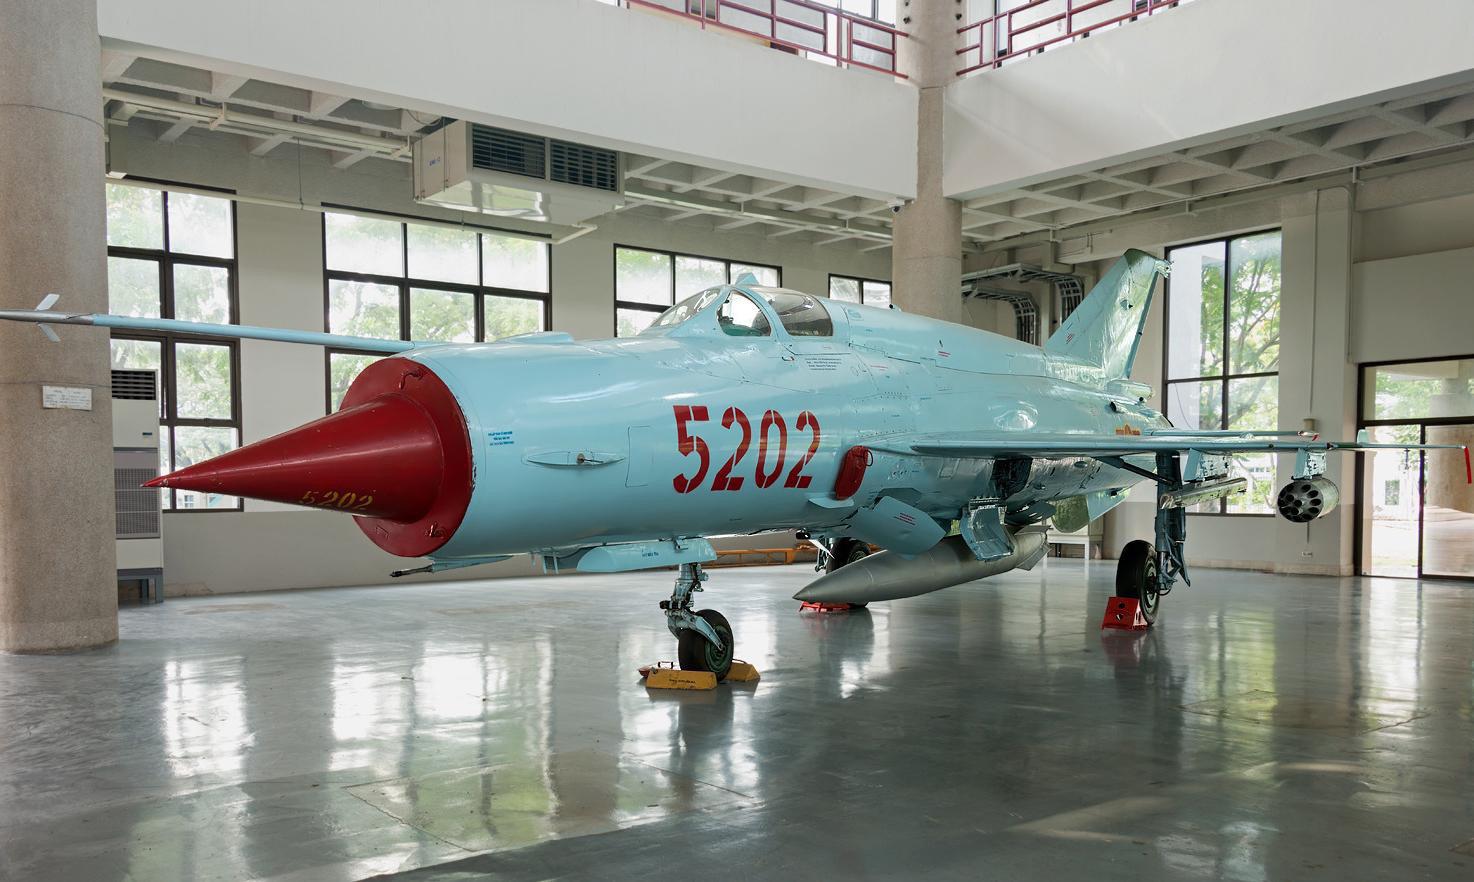 Việt Nam từng biên chế số lượng lớn MiG-21Bis, phiên bản mạnh ngang F-16 của Mỹ - Ảnh 6.